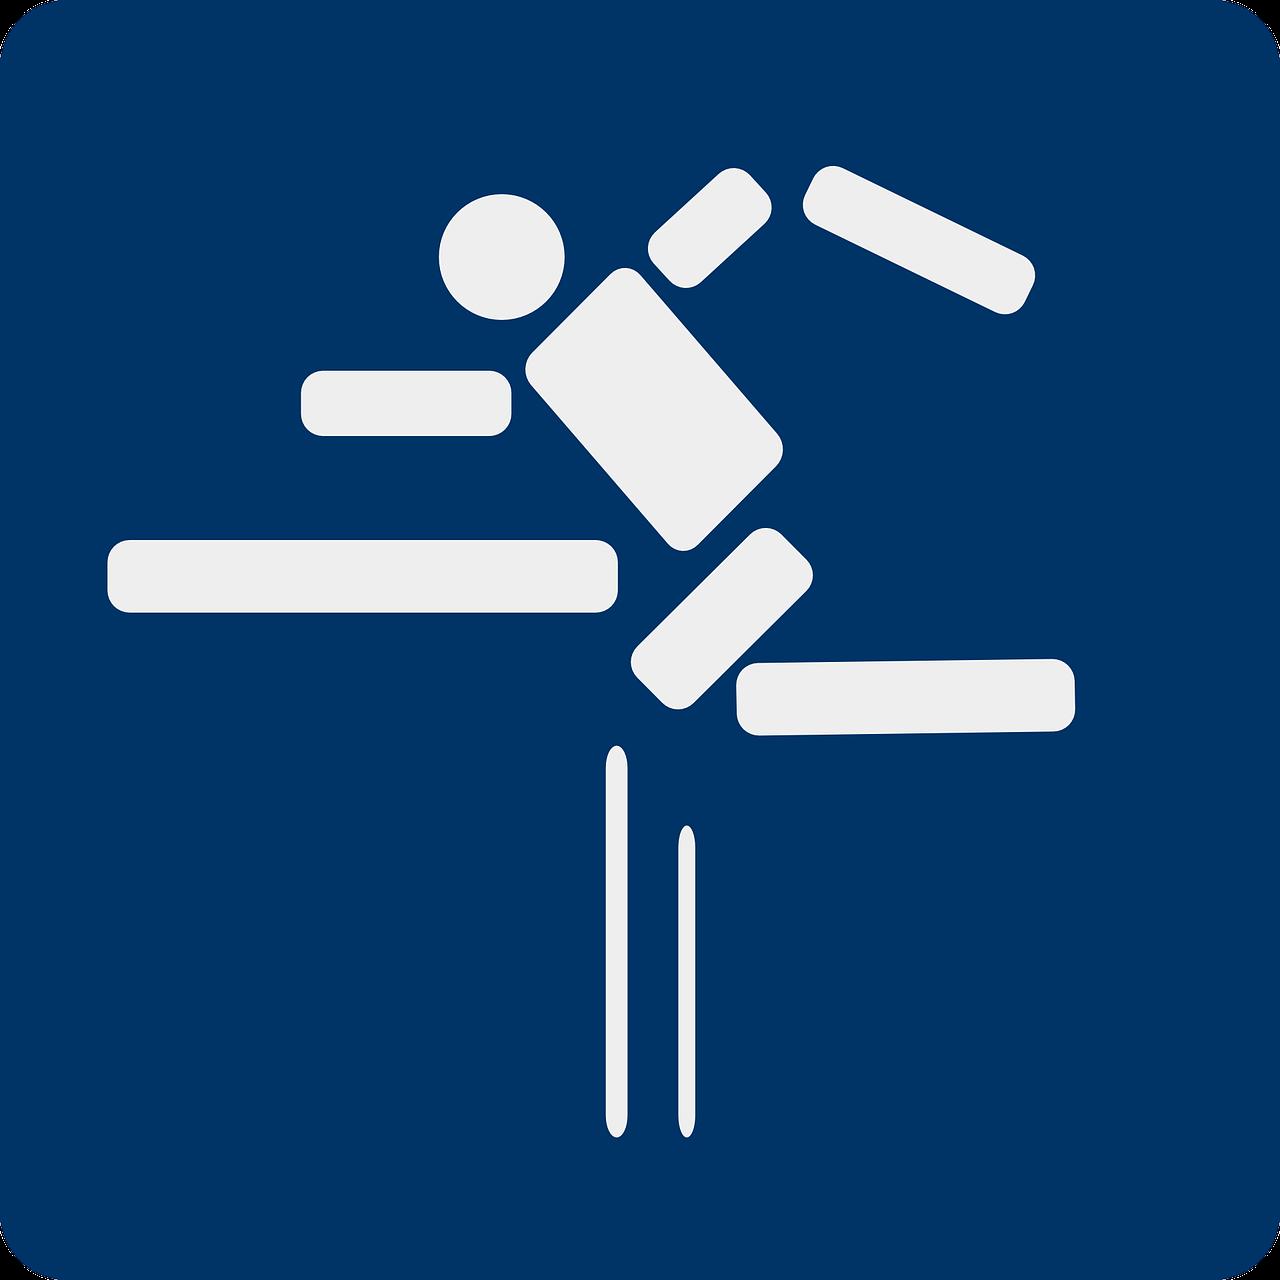 hurdles-150490_1280-1280x1280.png